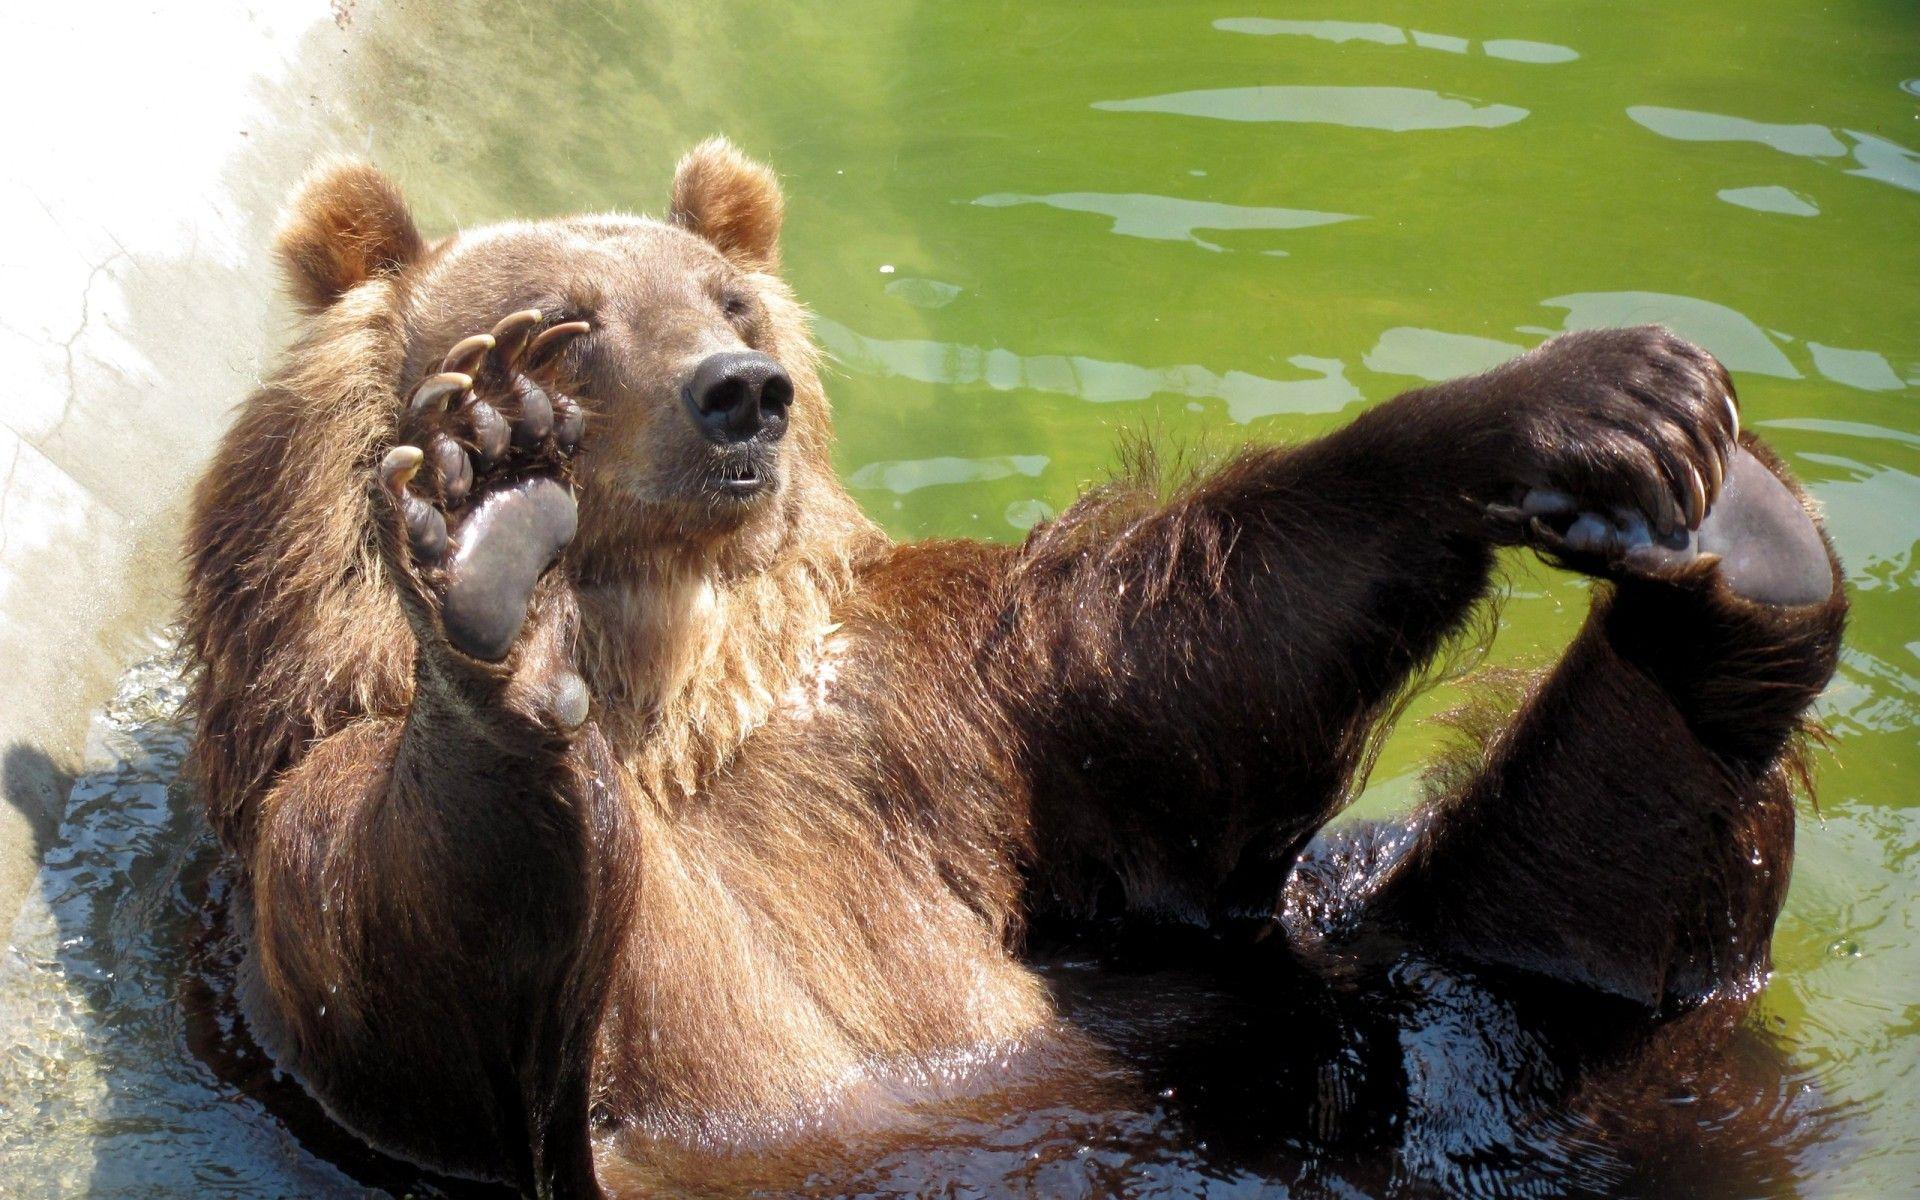 Скачать обои свирепый медведь 1920x1200